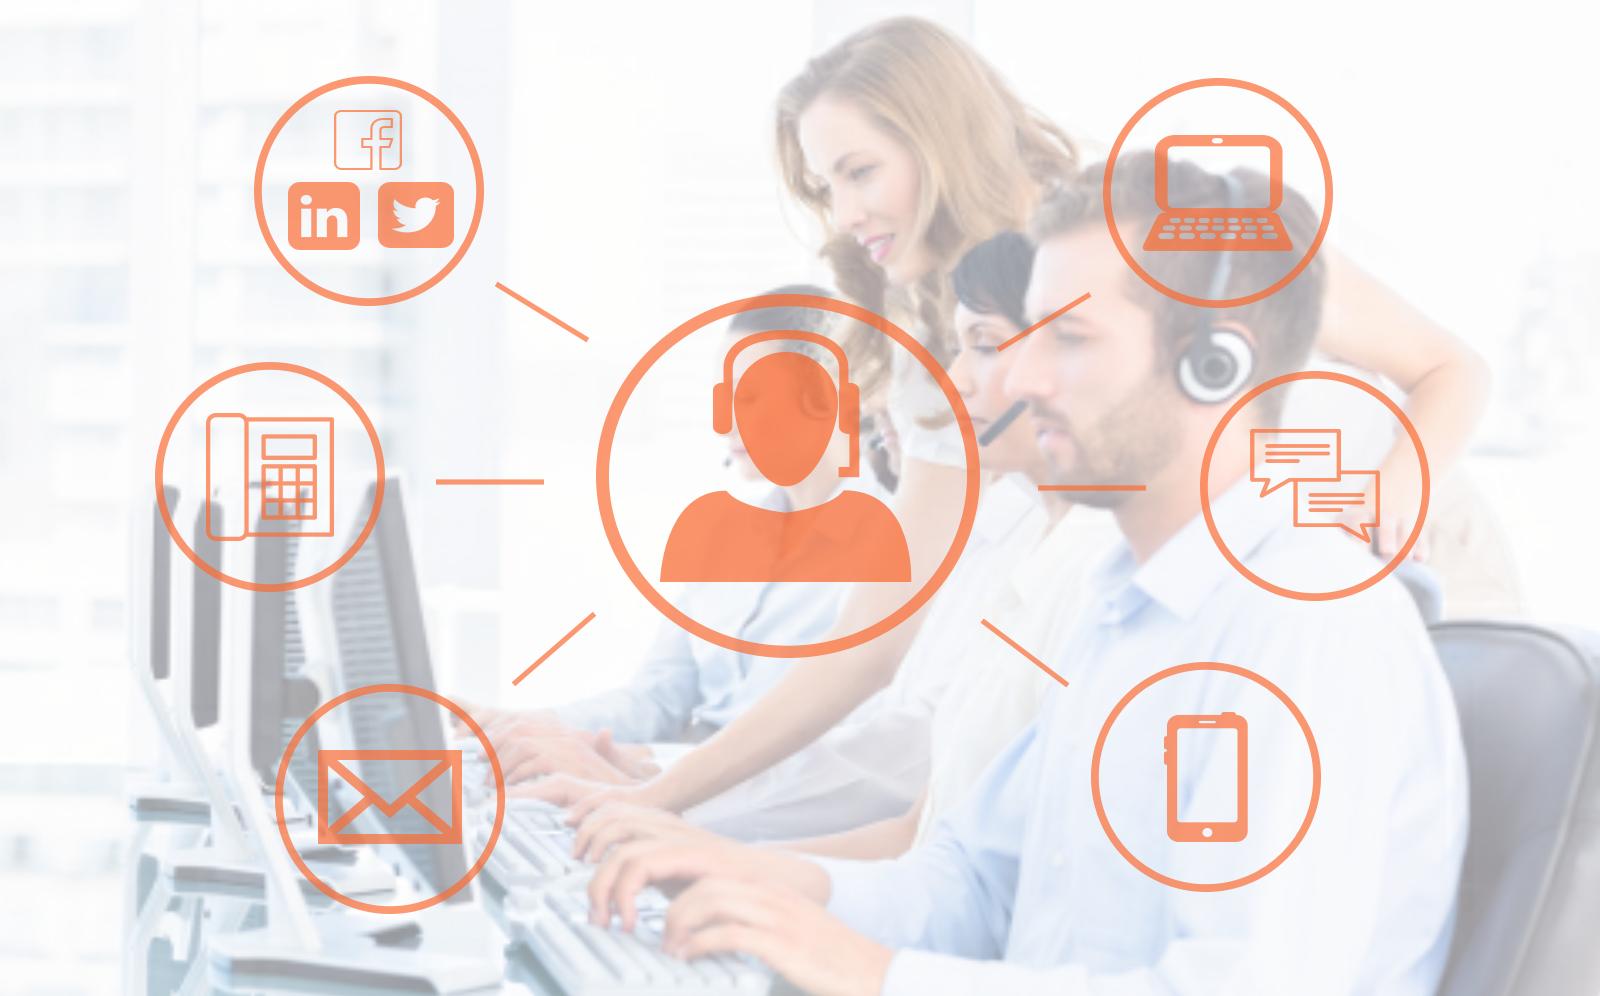 Триколор и Orange Business Services развернули омниканальный контакт-центр на несколько сотен рабочих мест 1